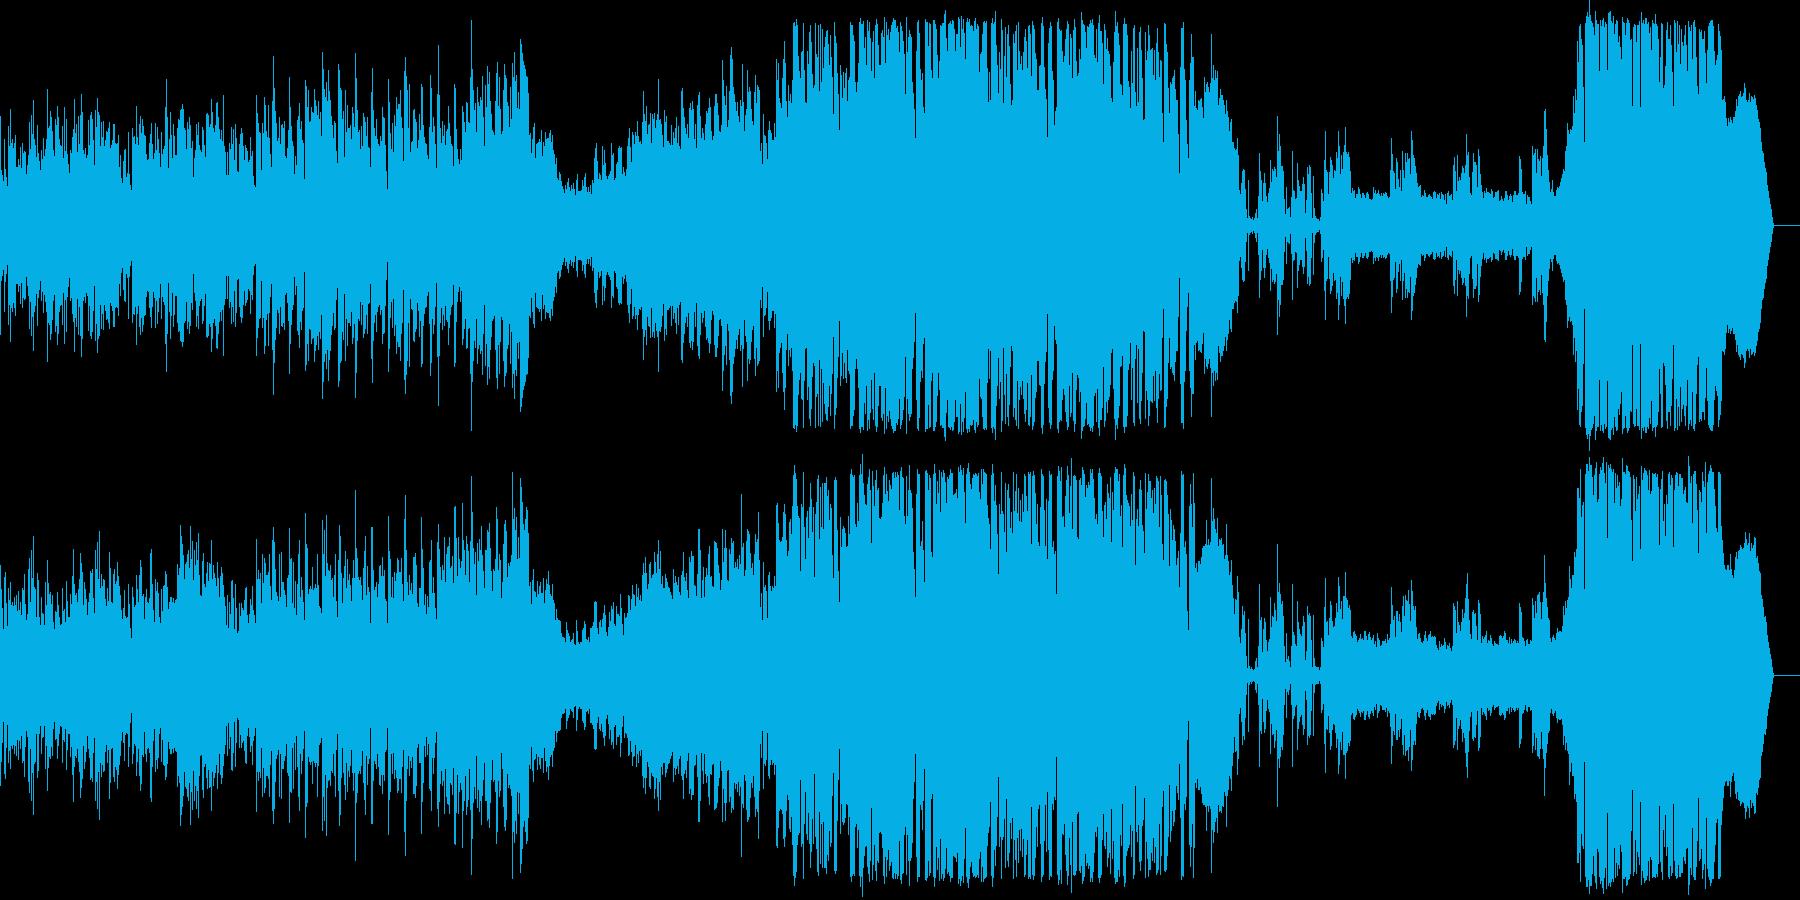 ボーカル入りのクールなEDM楽曲の再生済みの波形